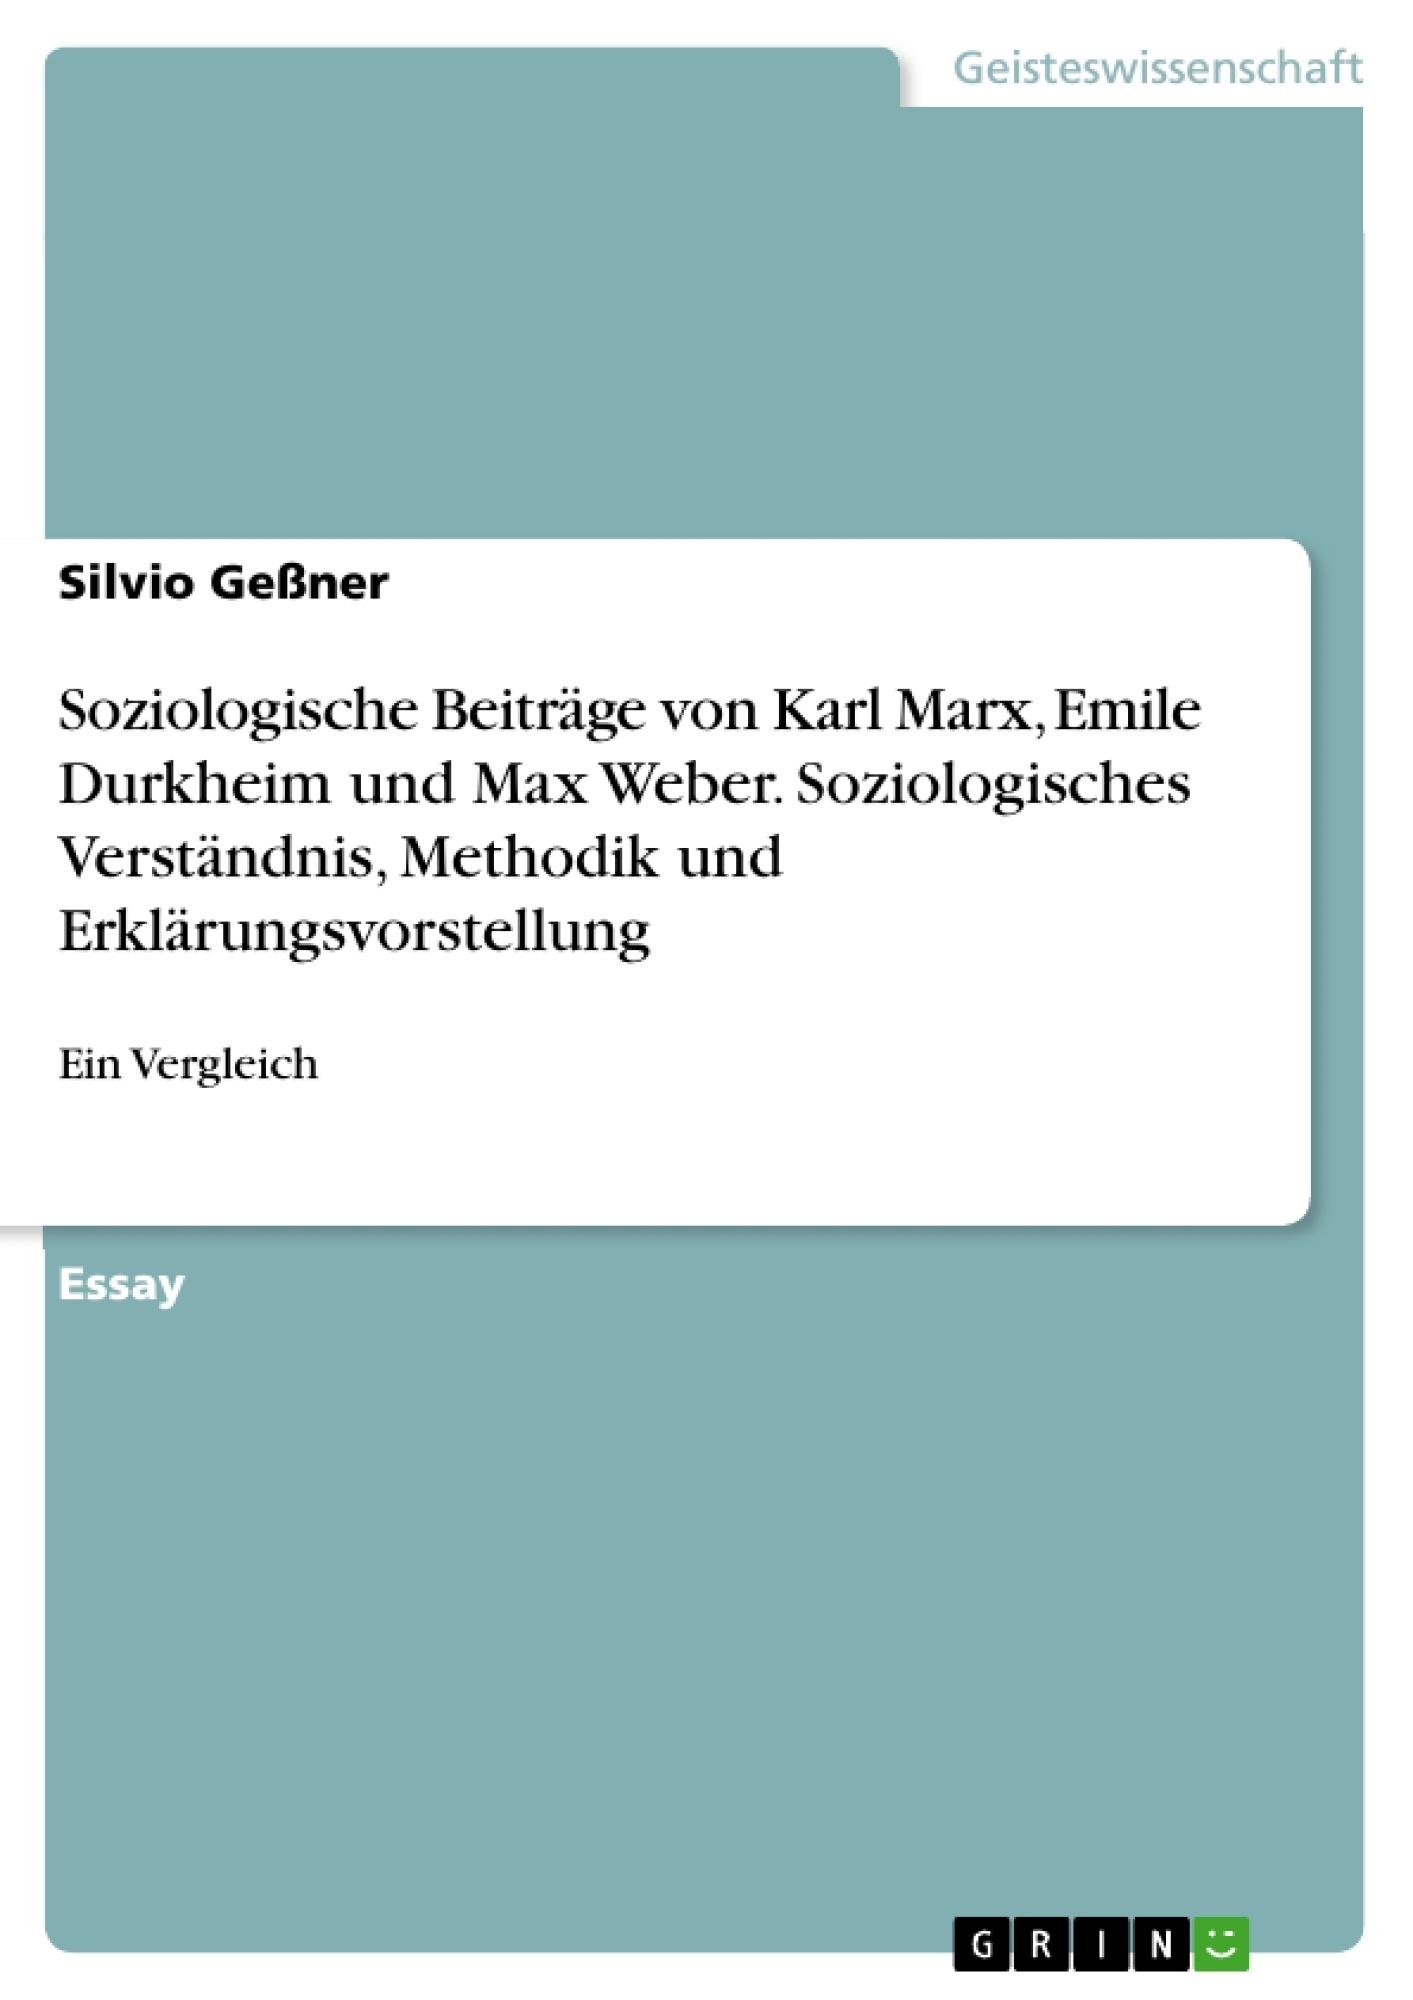 Titel: Soziologische Beiträge von Karl Marx, Emile Durkheim und Max Weber. Soziologisches Verständnis, Methodik und Erklärungsvorstellung